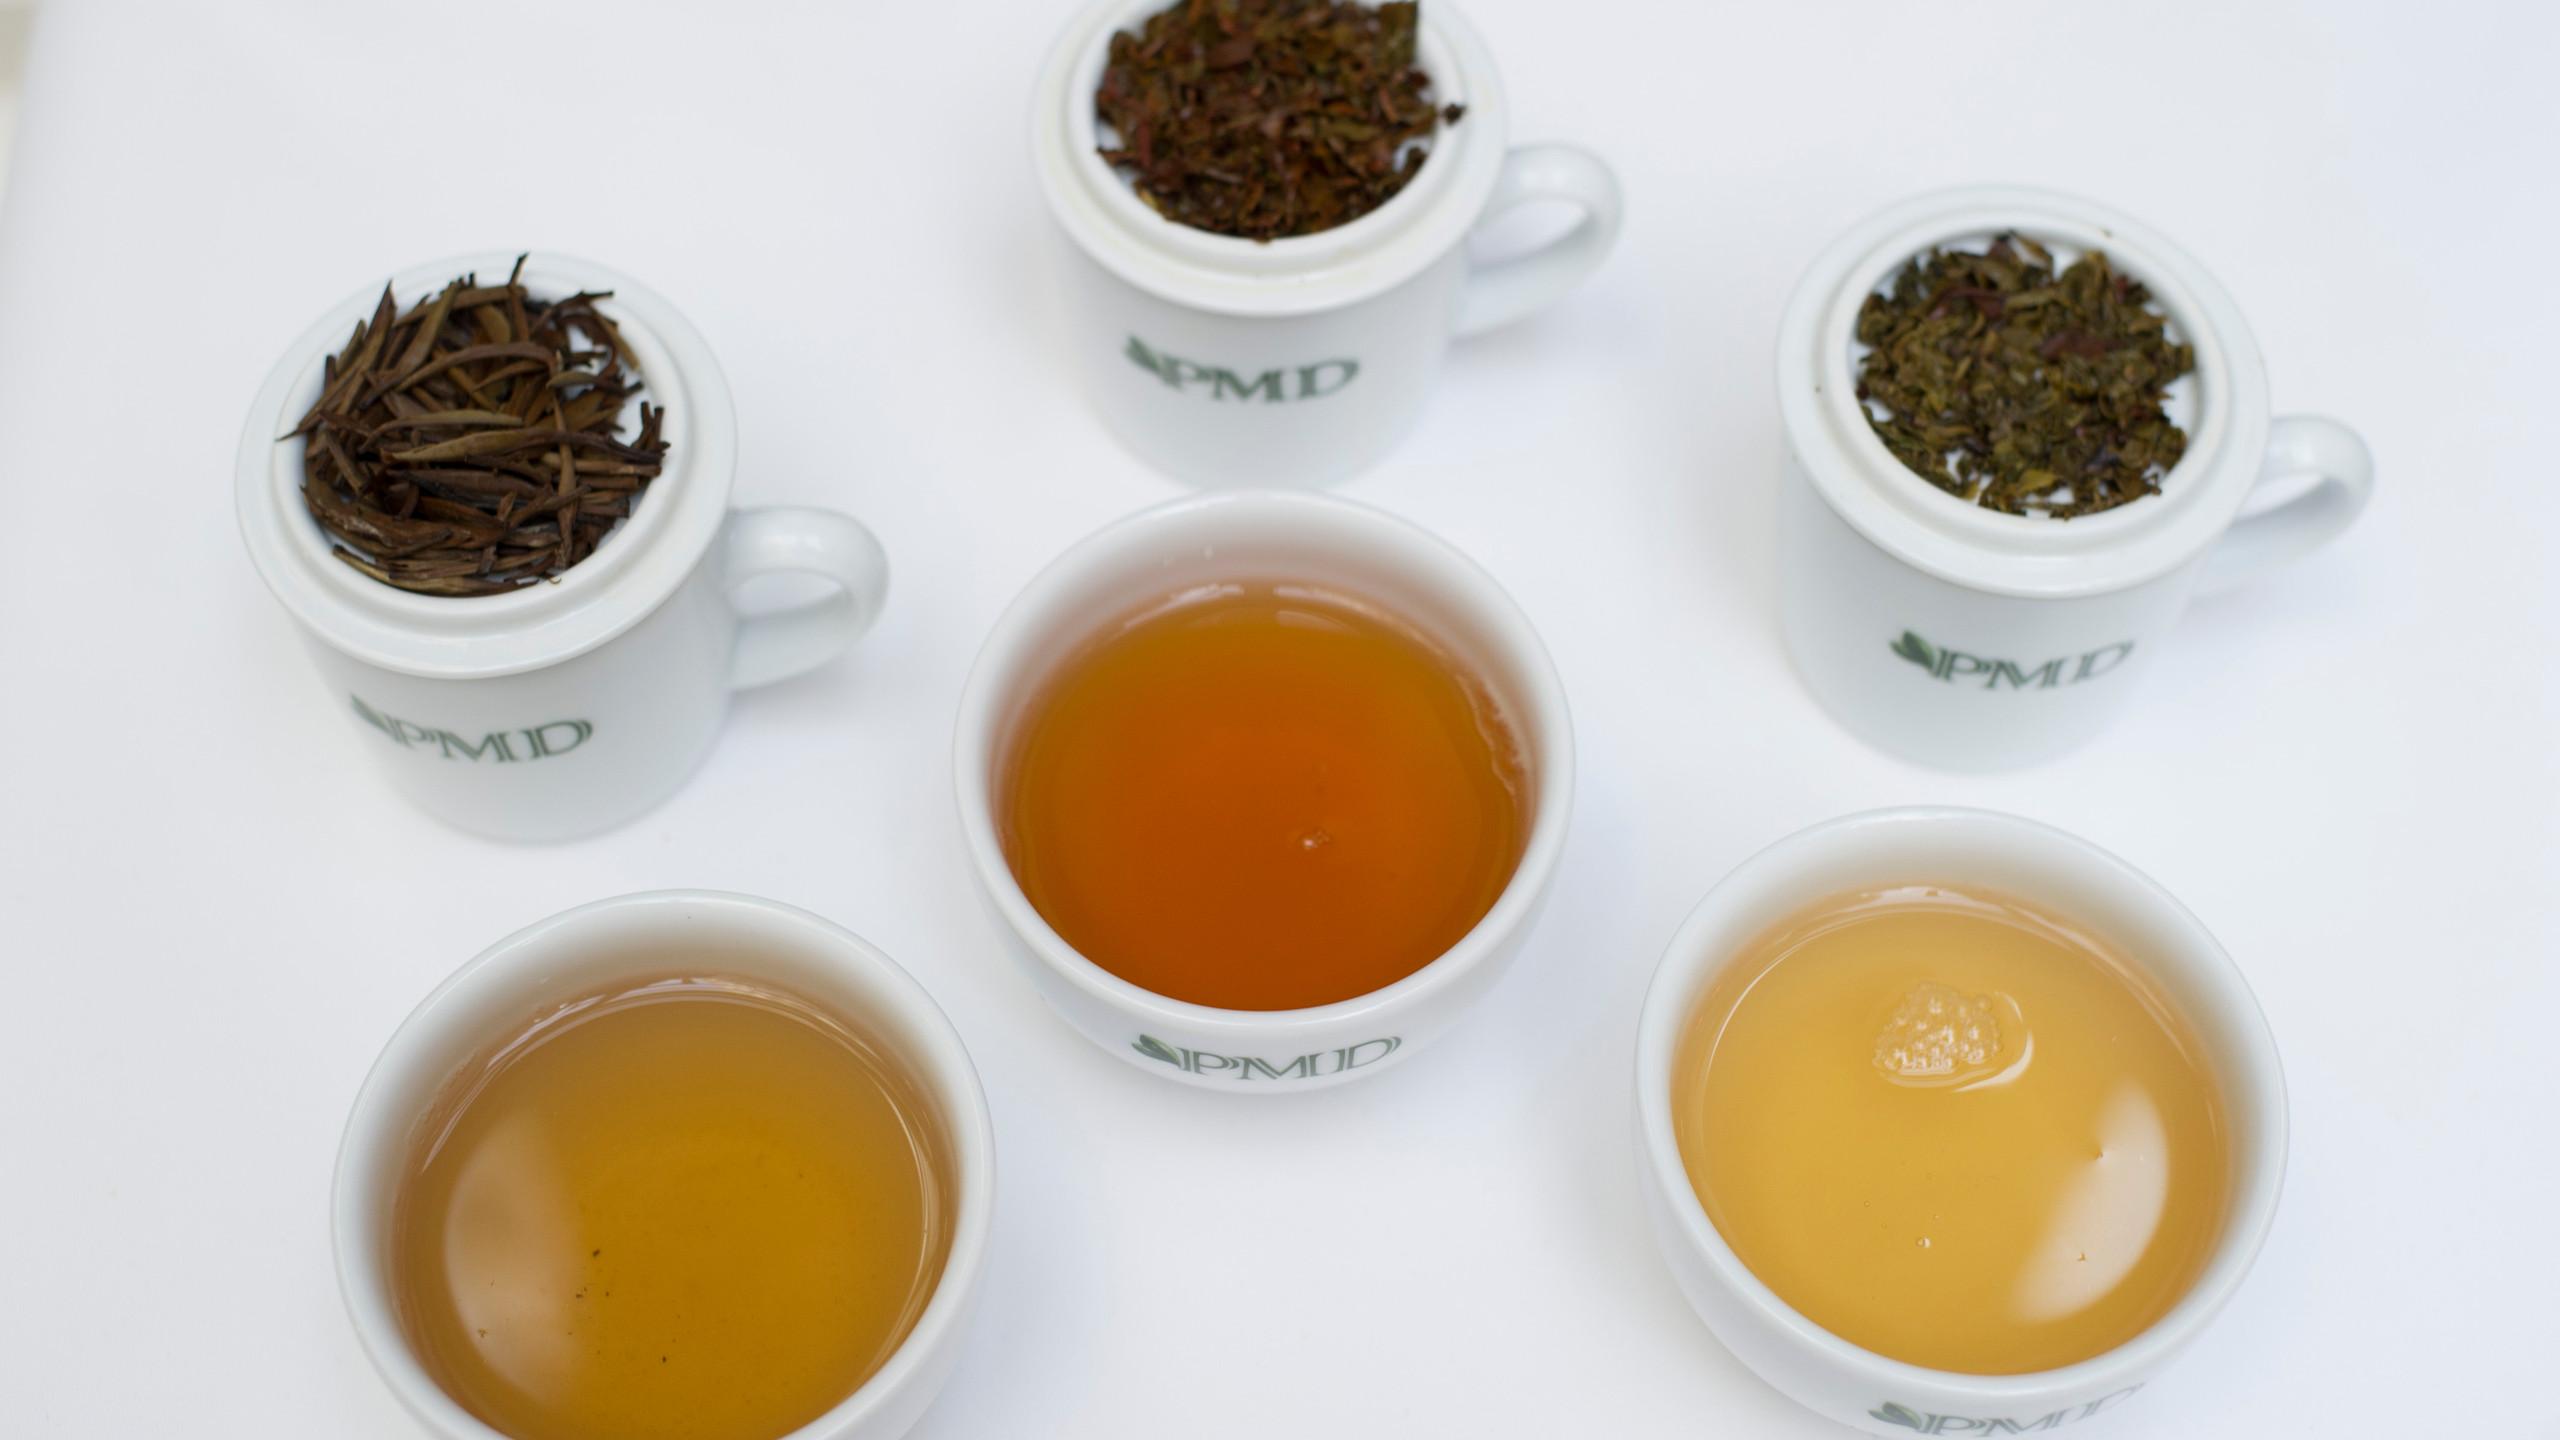 Single origin loose leaf tea